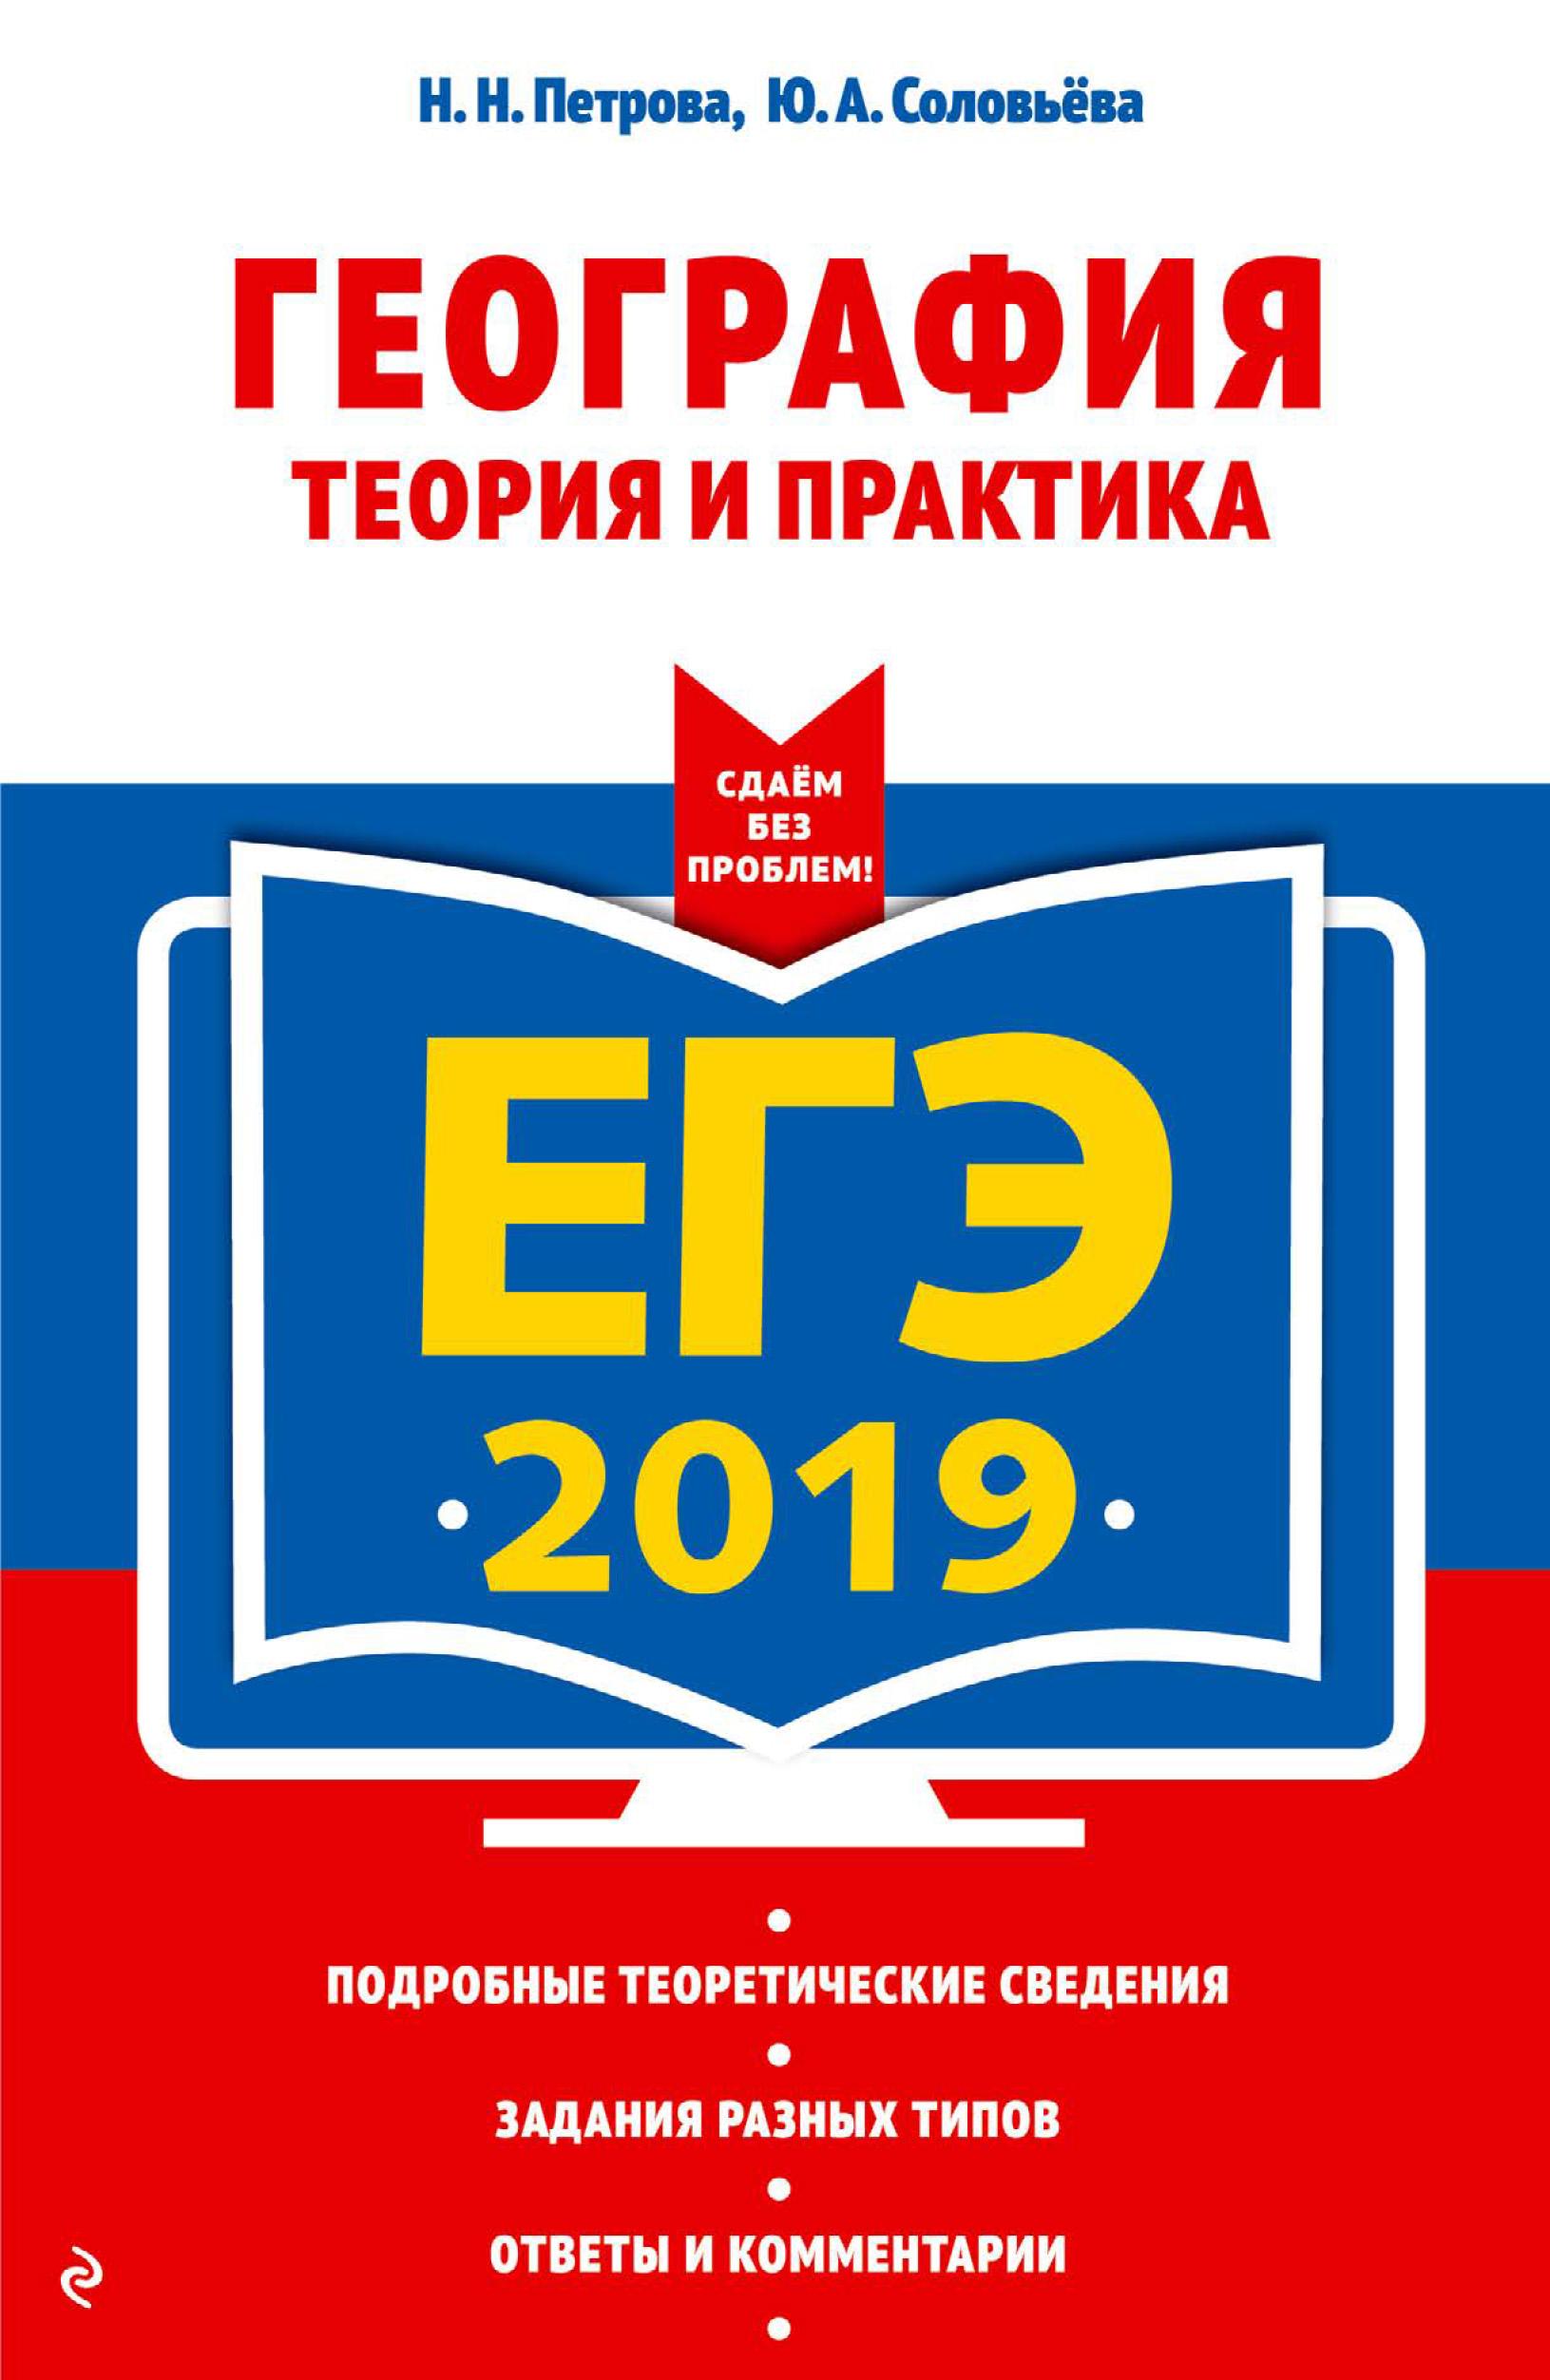 Н. Н. Петрова ЕГЭ-2019. География. Теория и практика